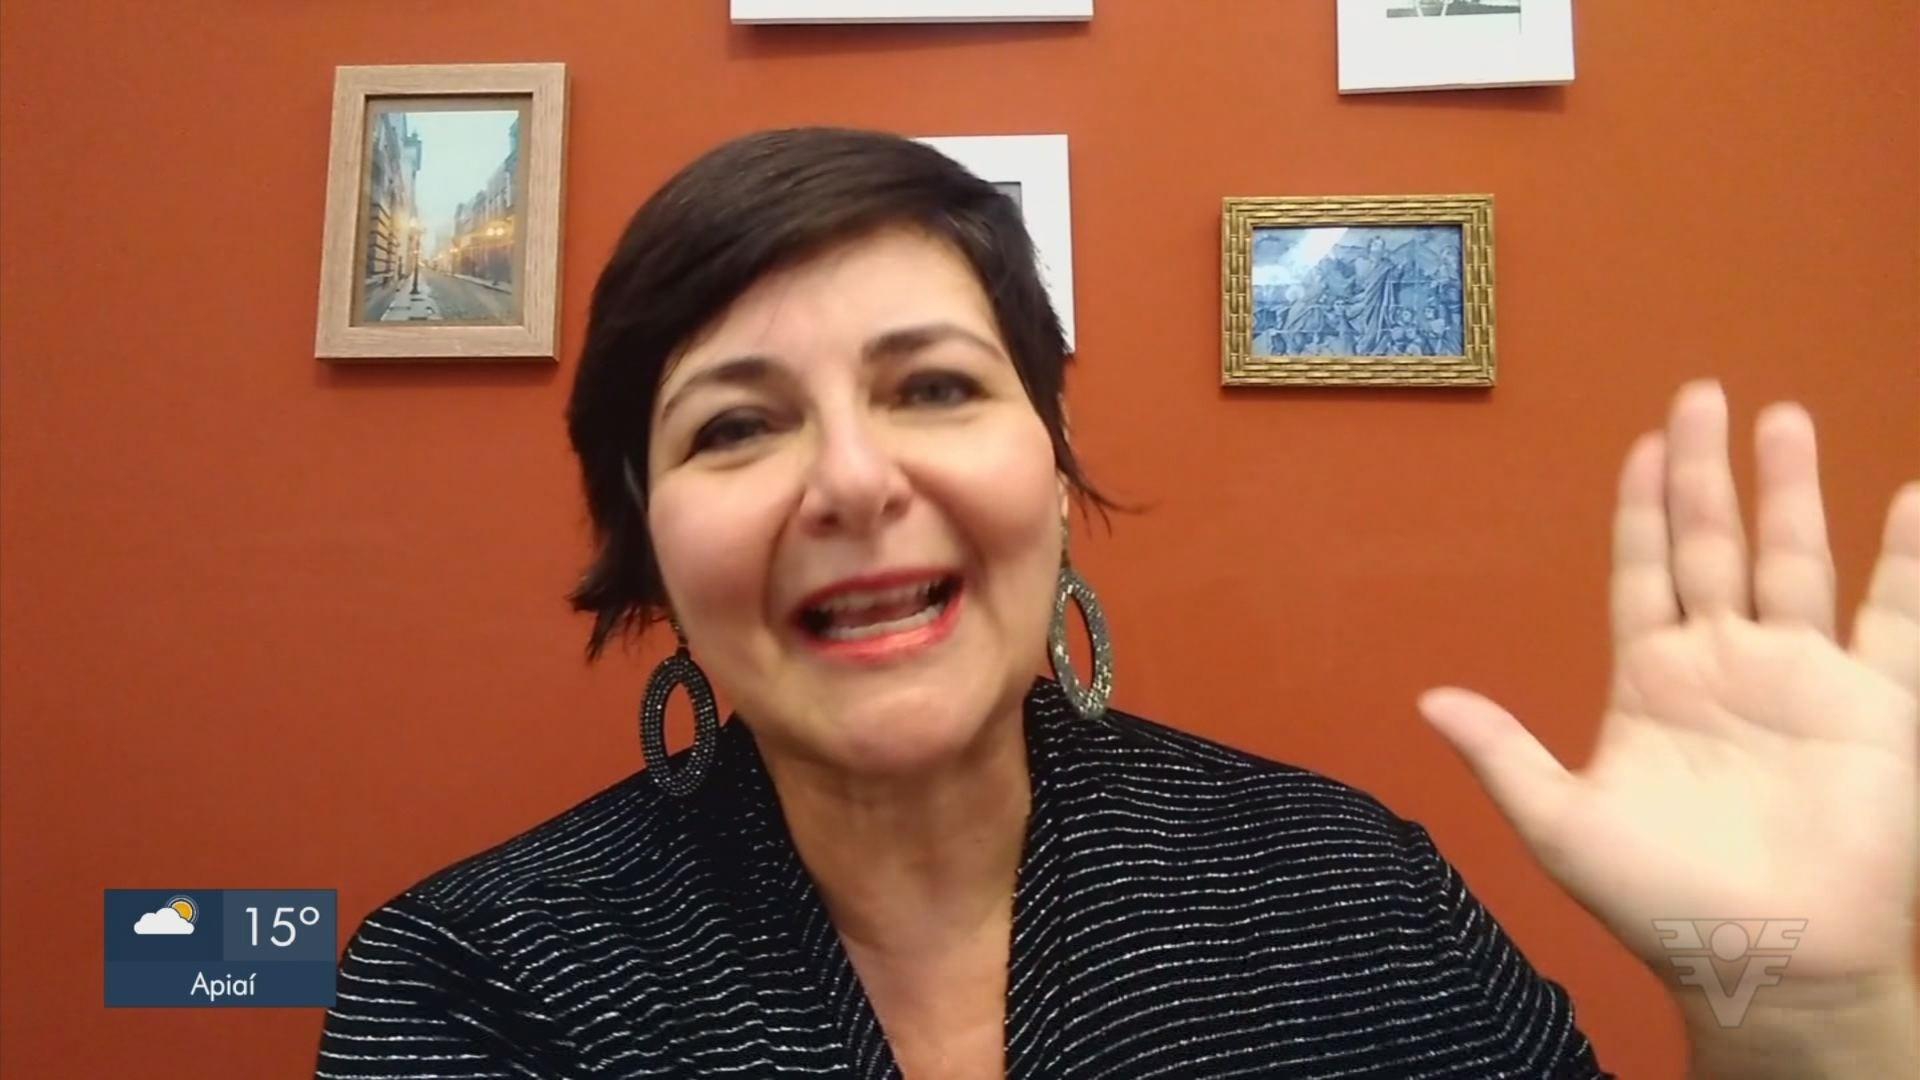 VÍDEOS: Jornal da Tribuna 1ª Edição de sexta-feira, 15 de maio